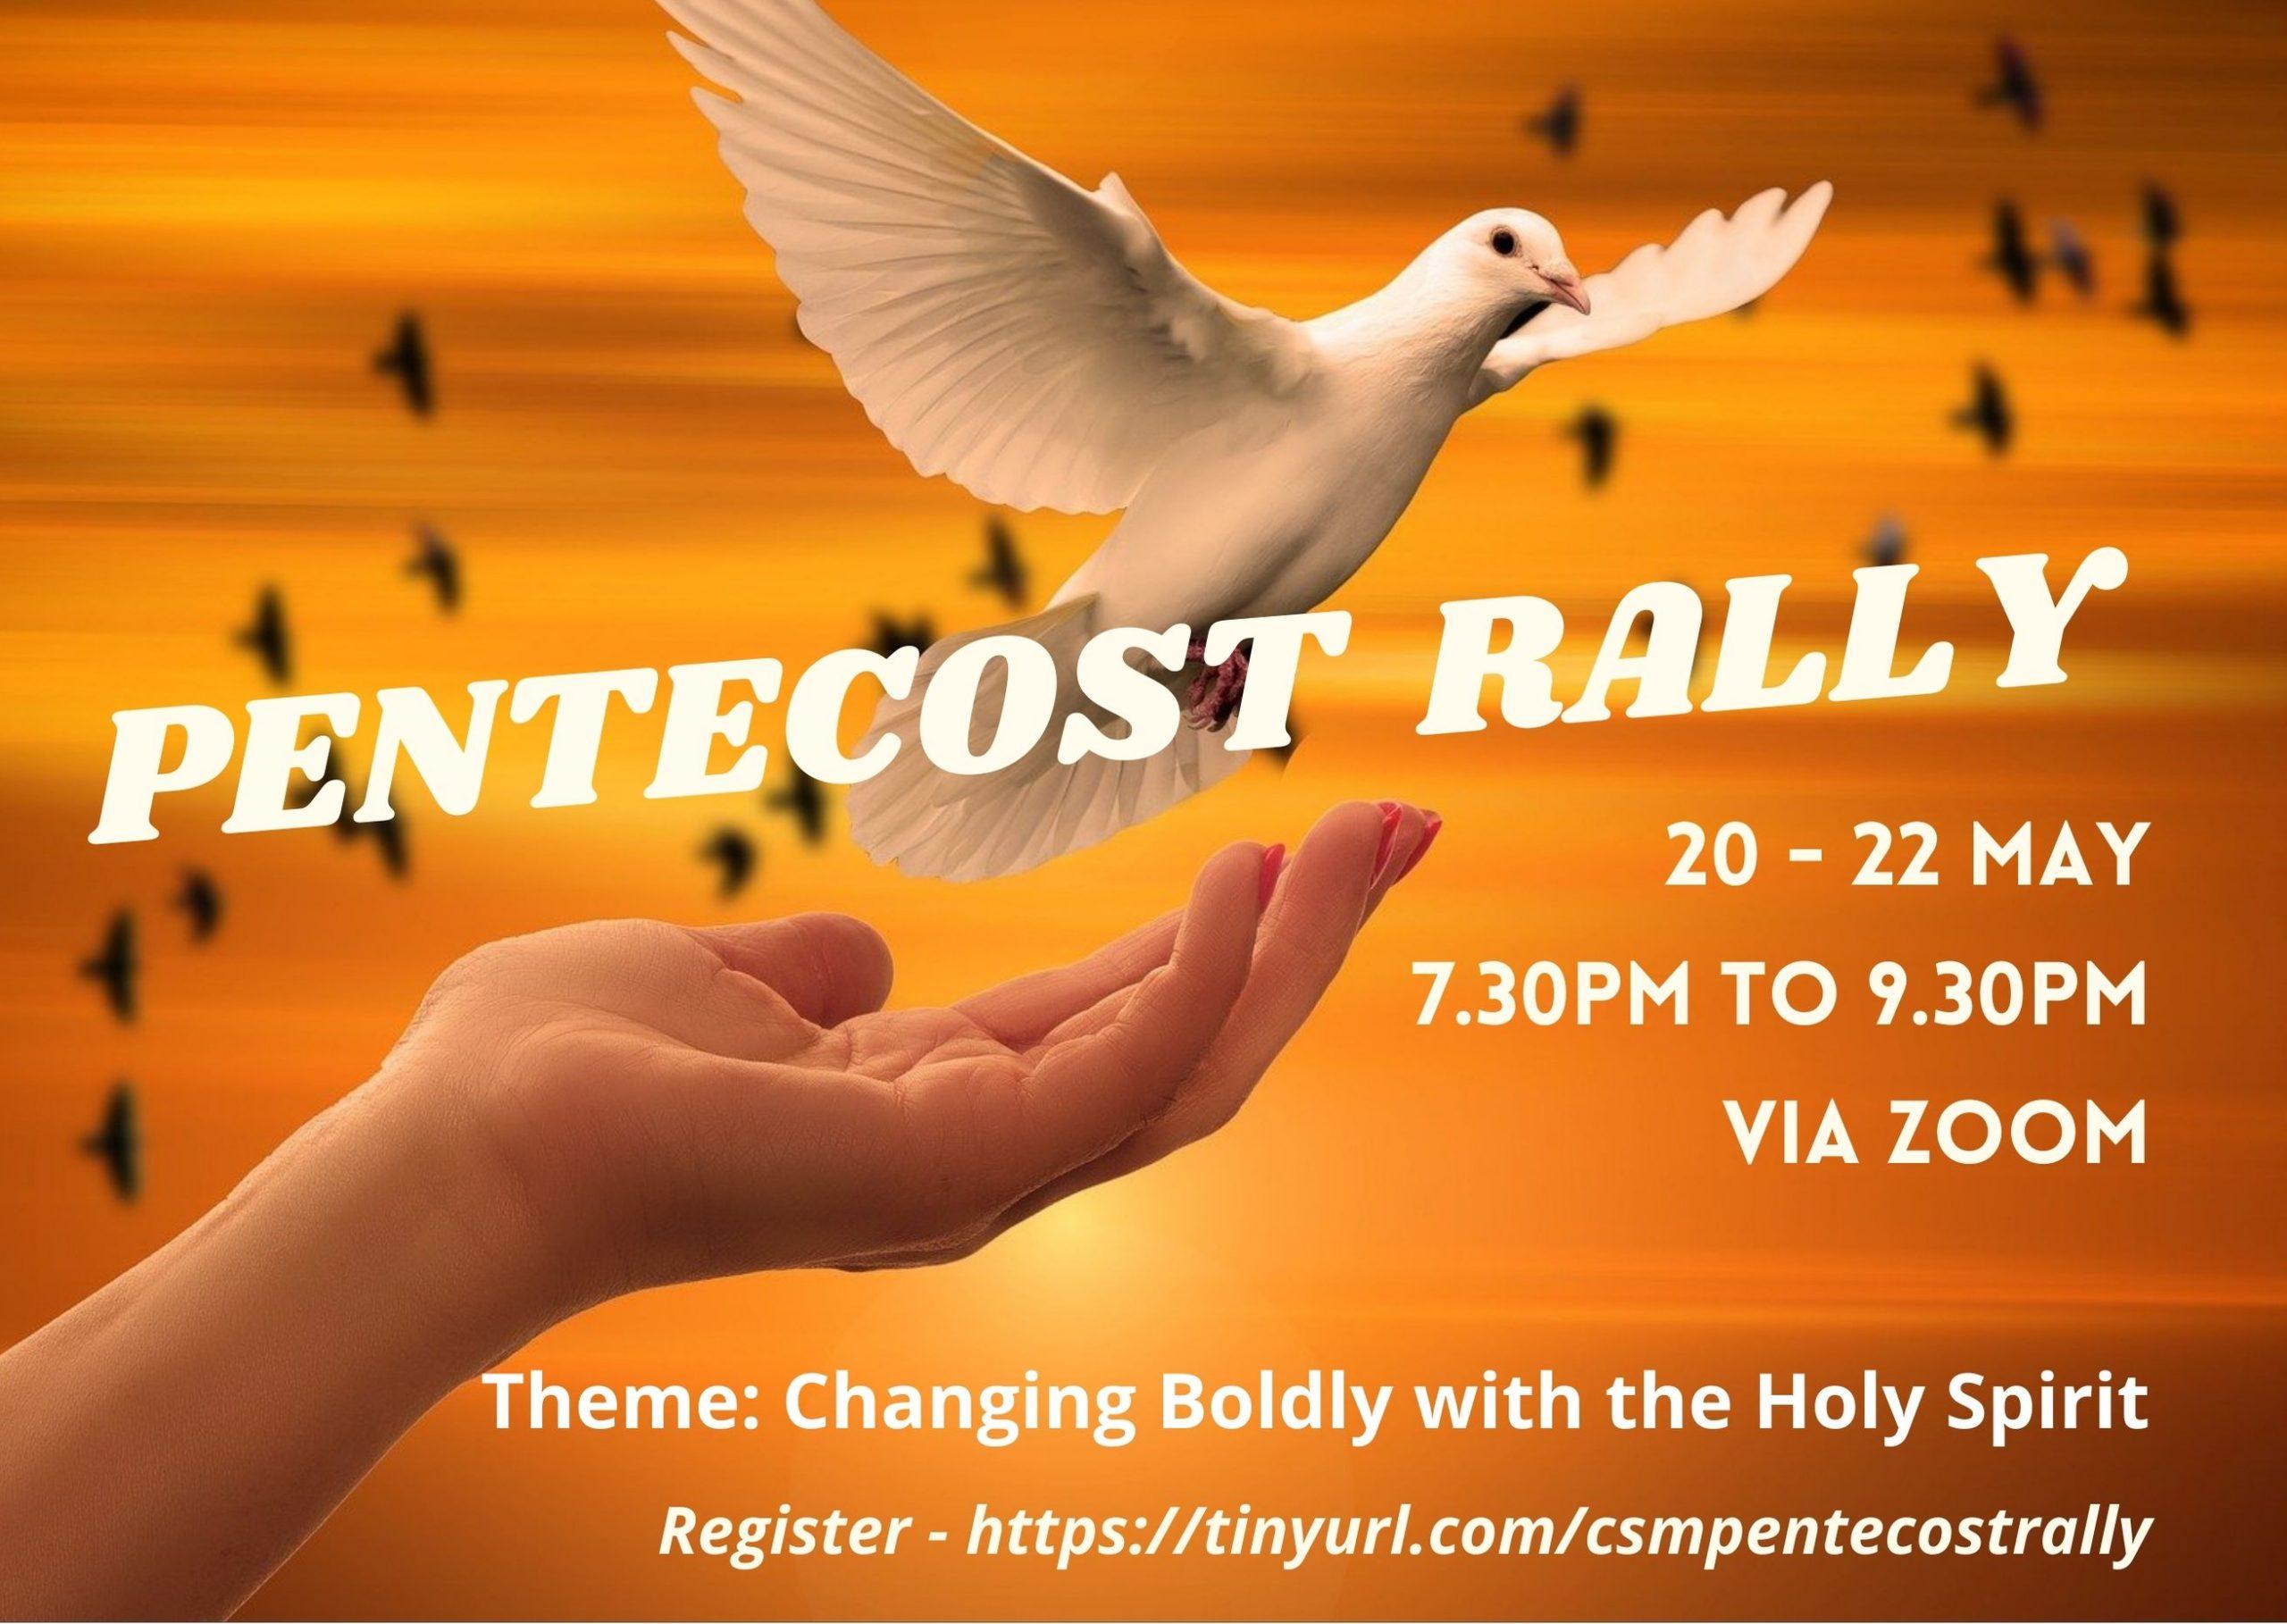 CSM Pentecost Rally